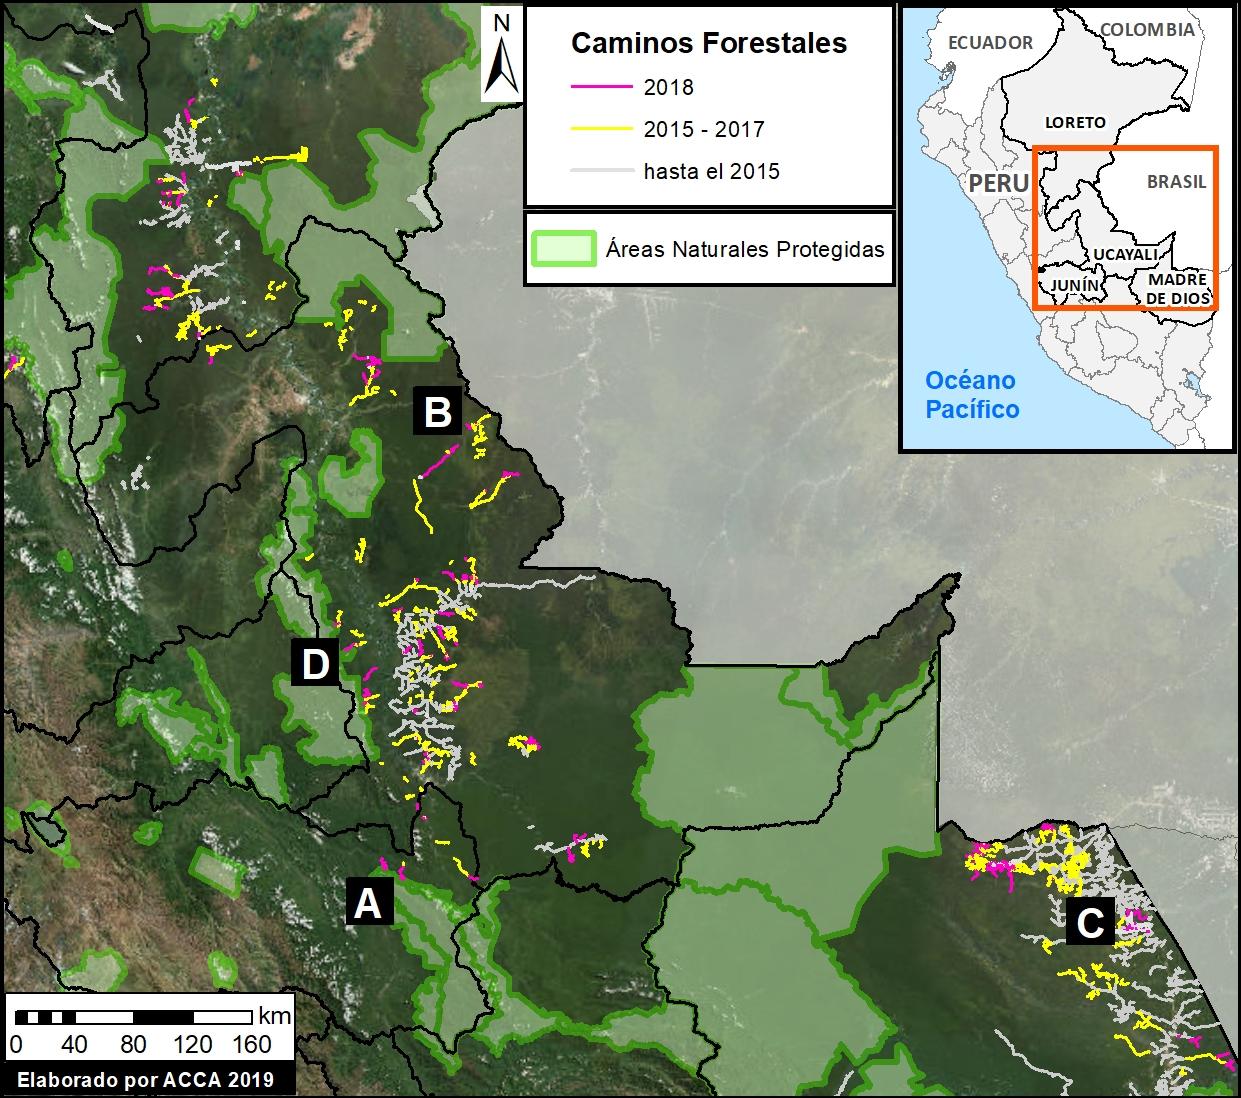 El mapa muestra el avance de los caminos forestales en la Amazonía peruana. Imagen: MAAP / ACCA.